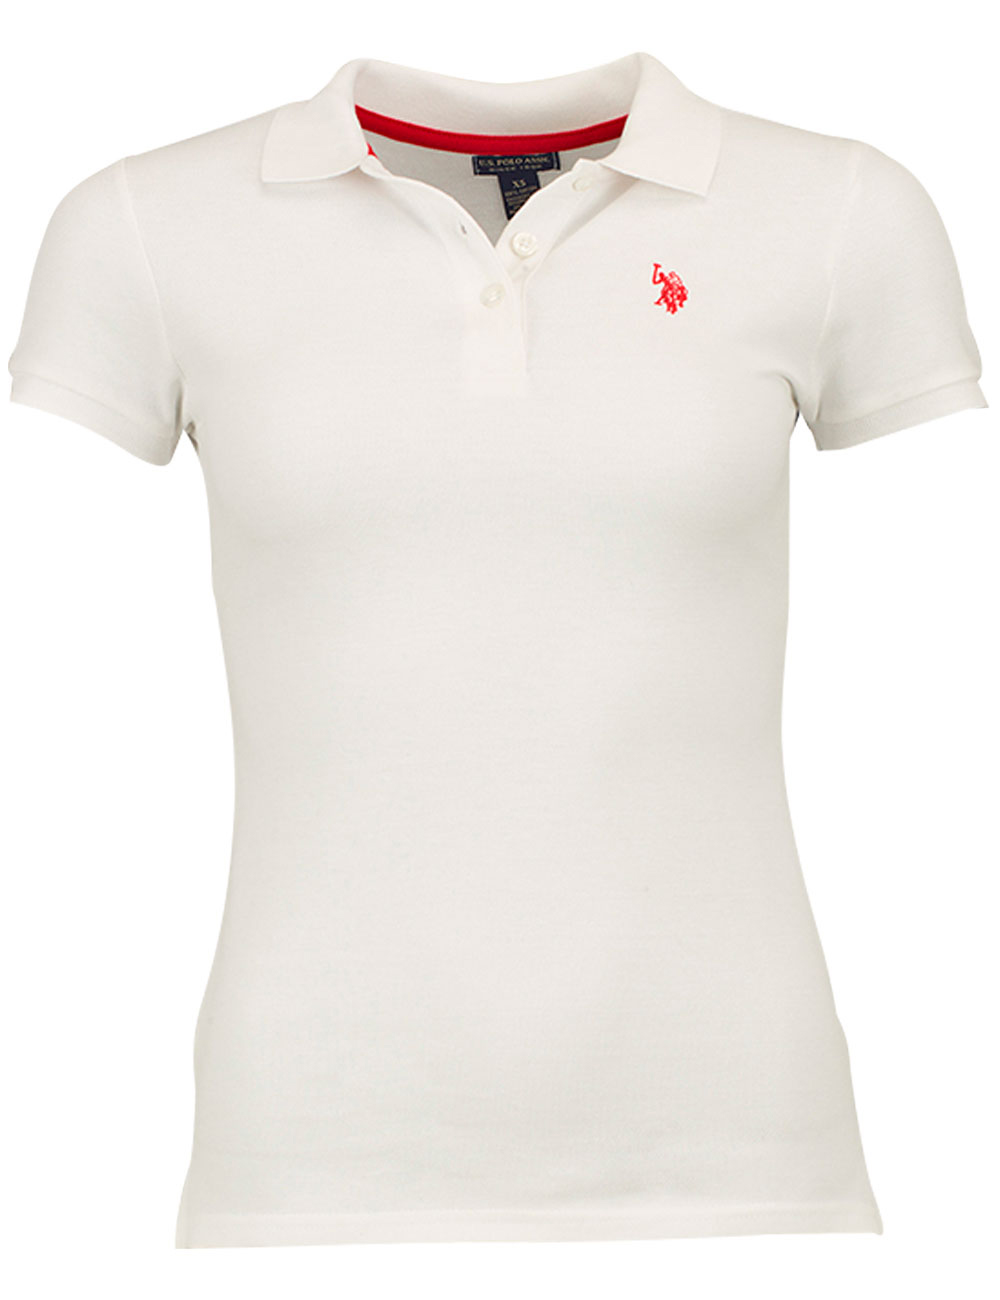 Damen Poloshirt Us Polo Assn Weiss